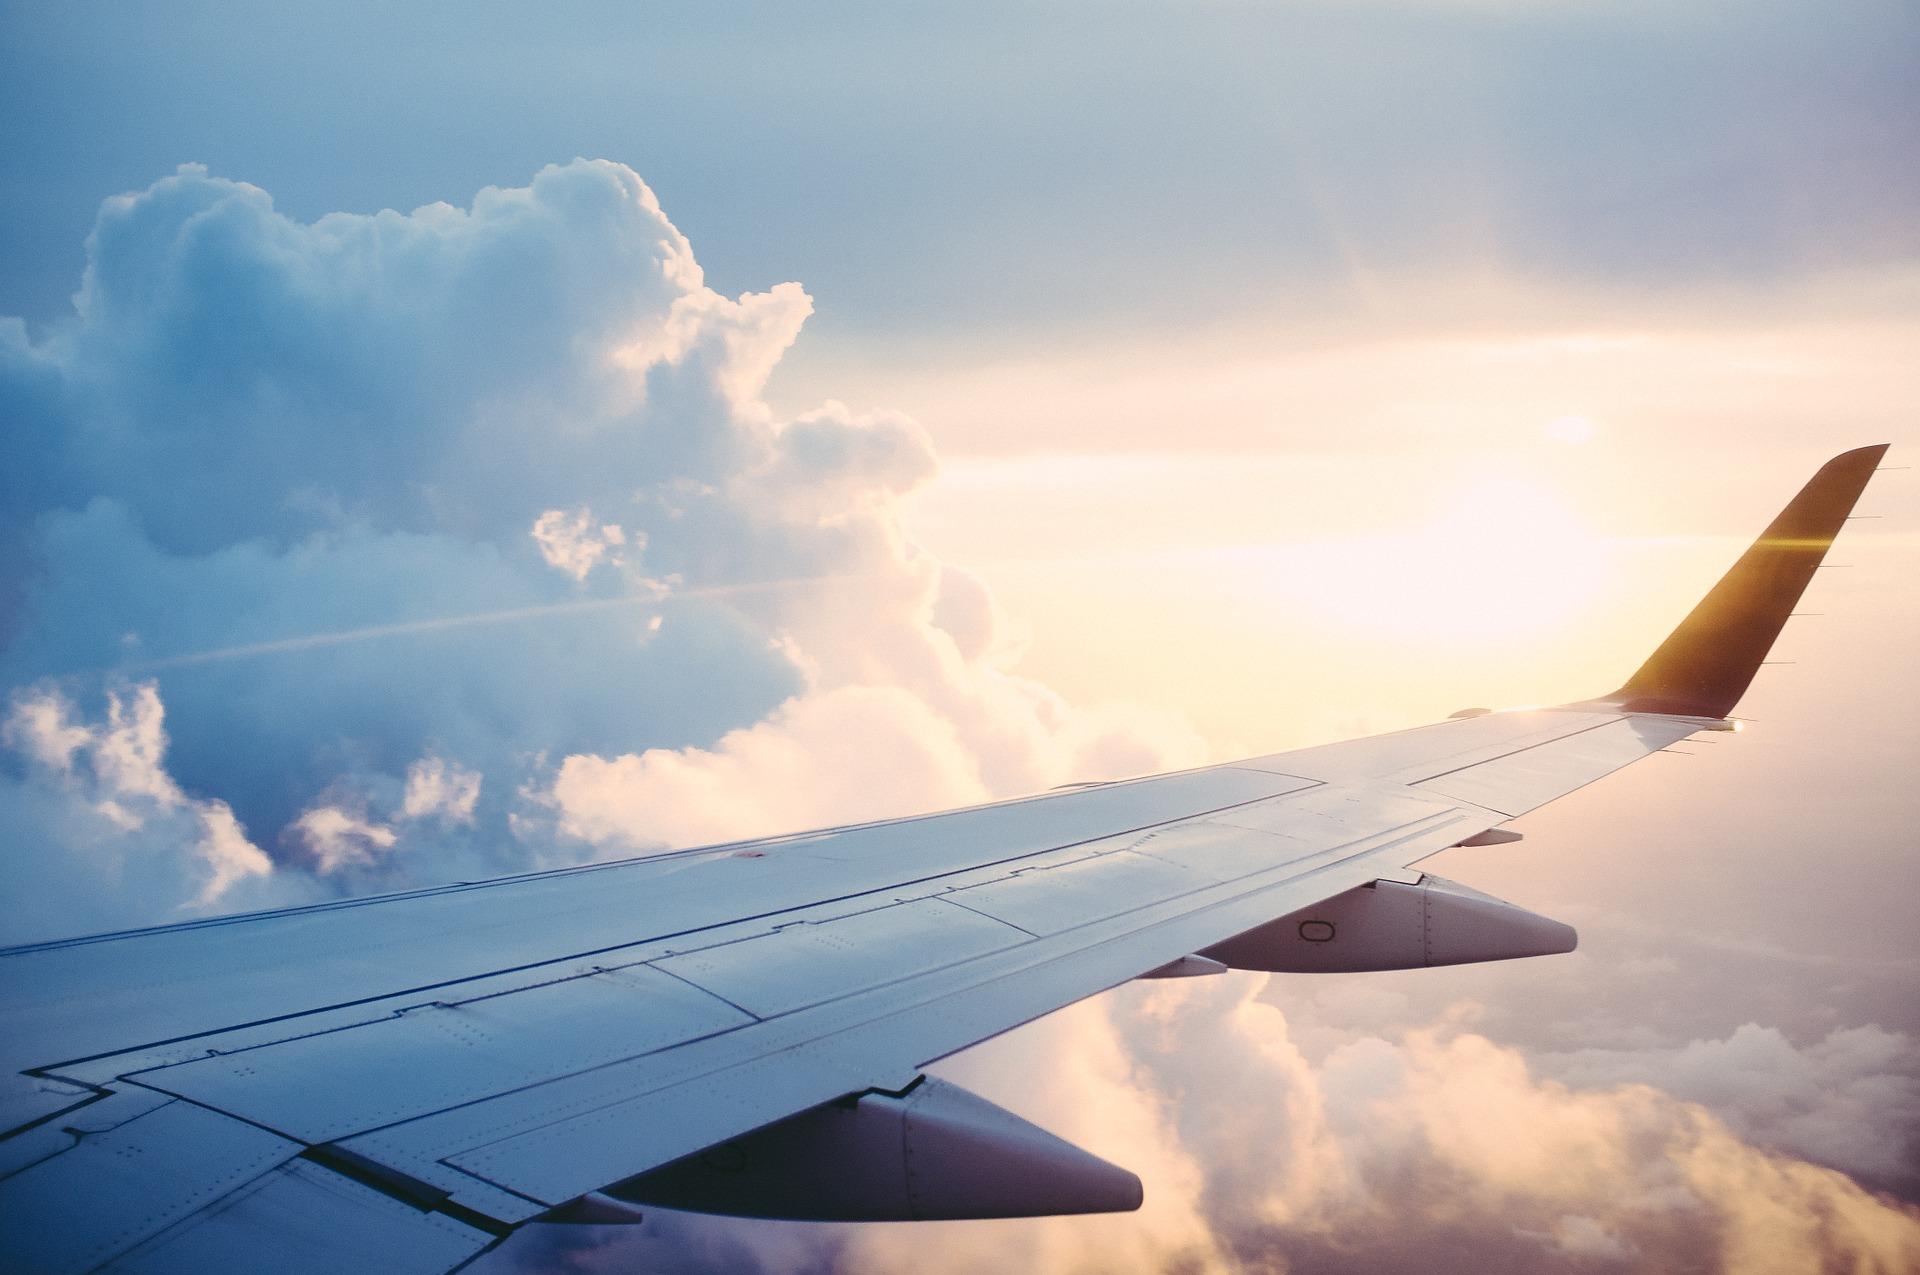 Accordo tra Eni e Aeroporti di Roma per decarbonizzazione e biocarburanti per l'aviazione